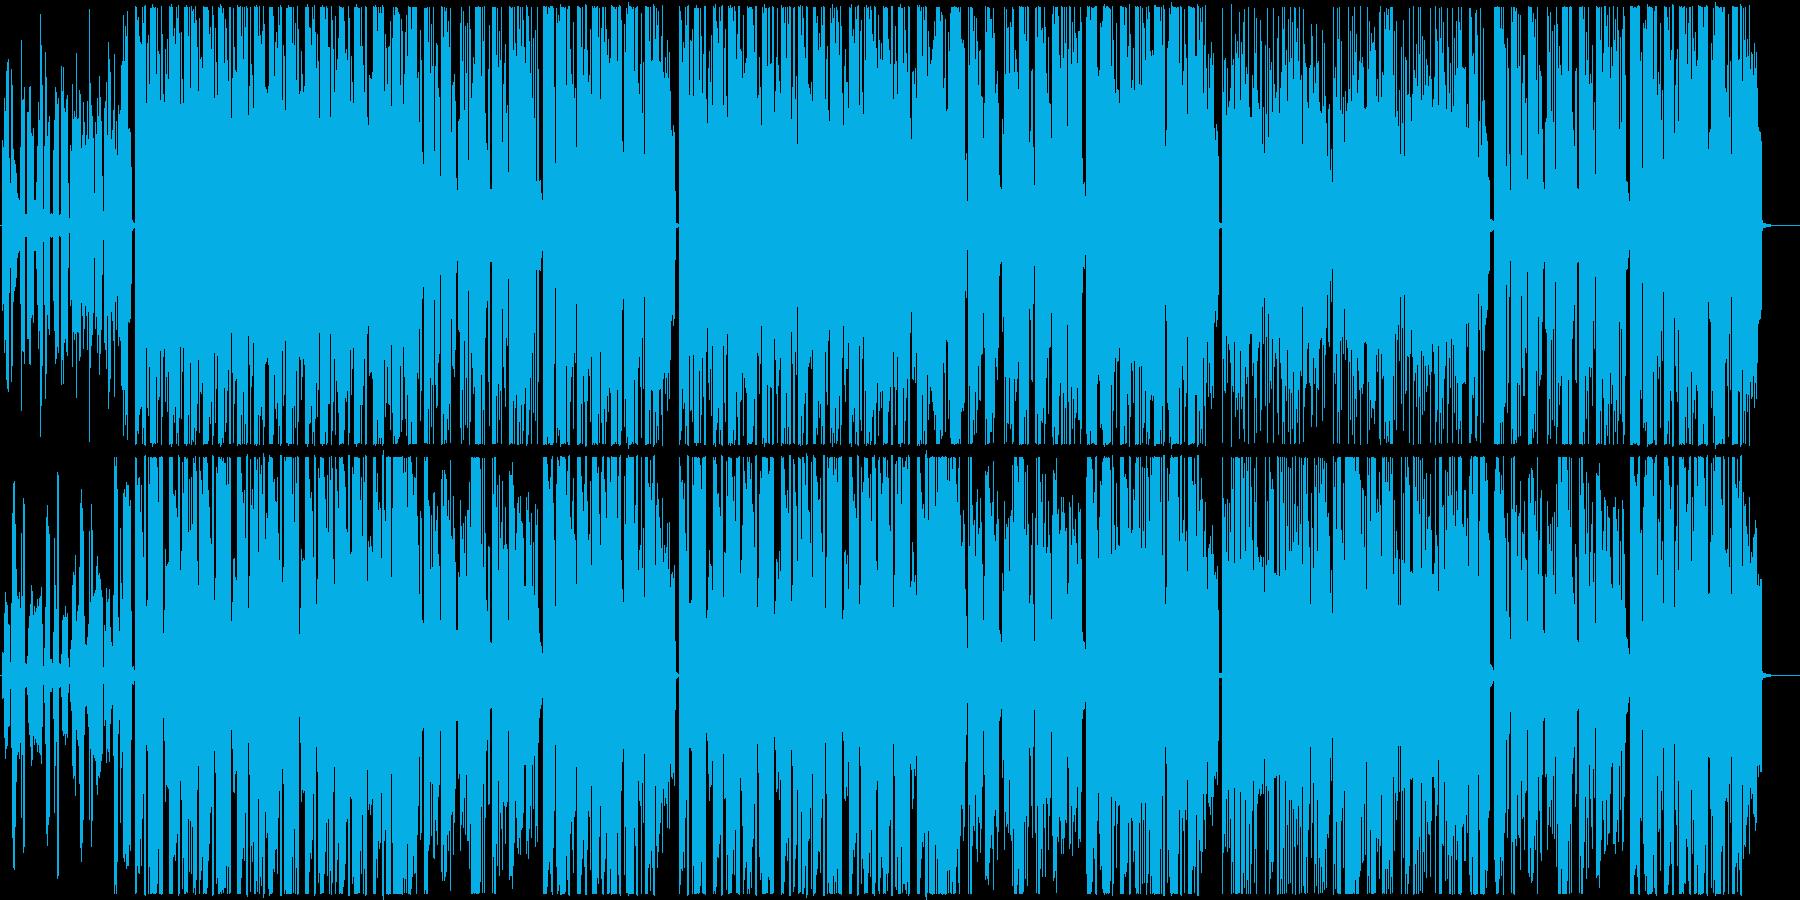 ポップで明るいフューチャーベースの再生済みの波形